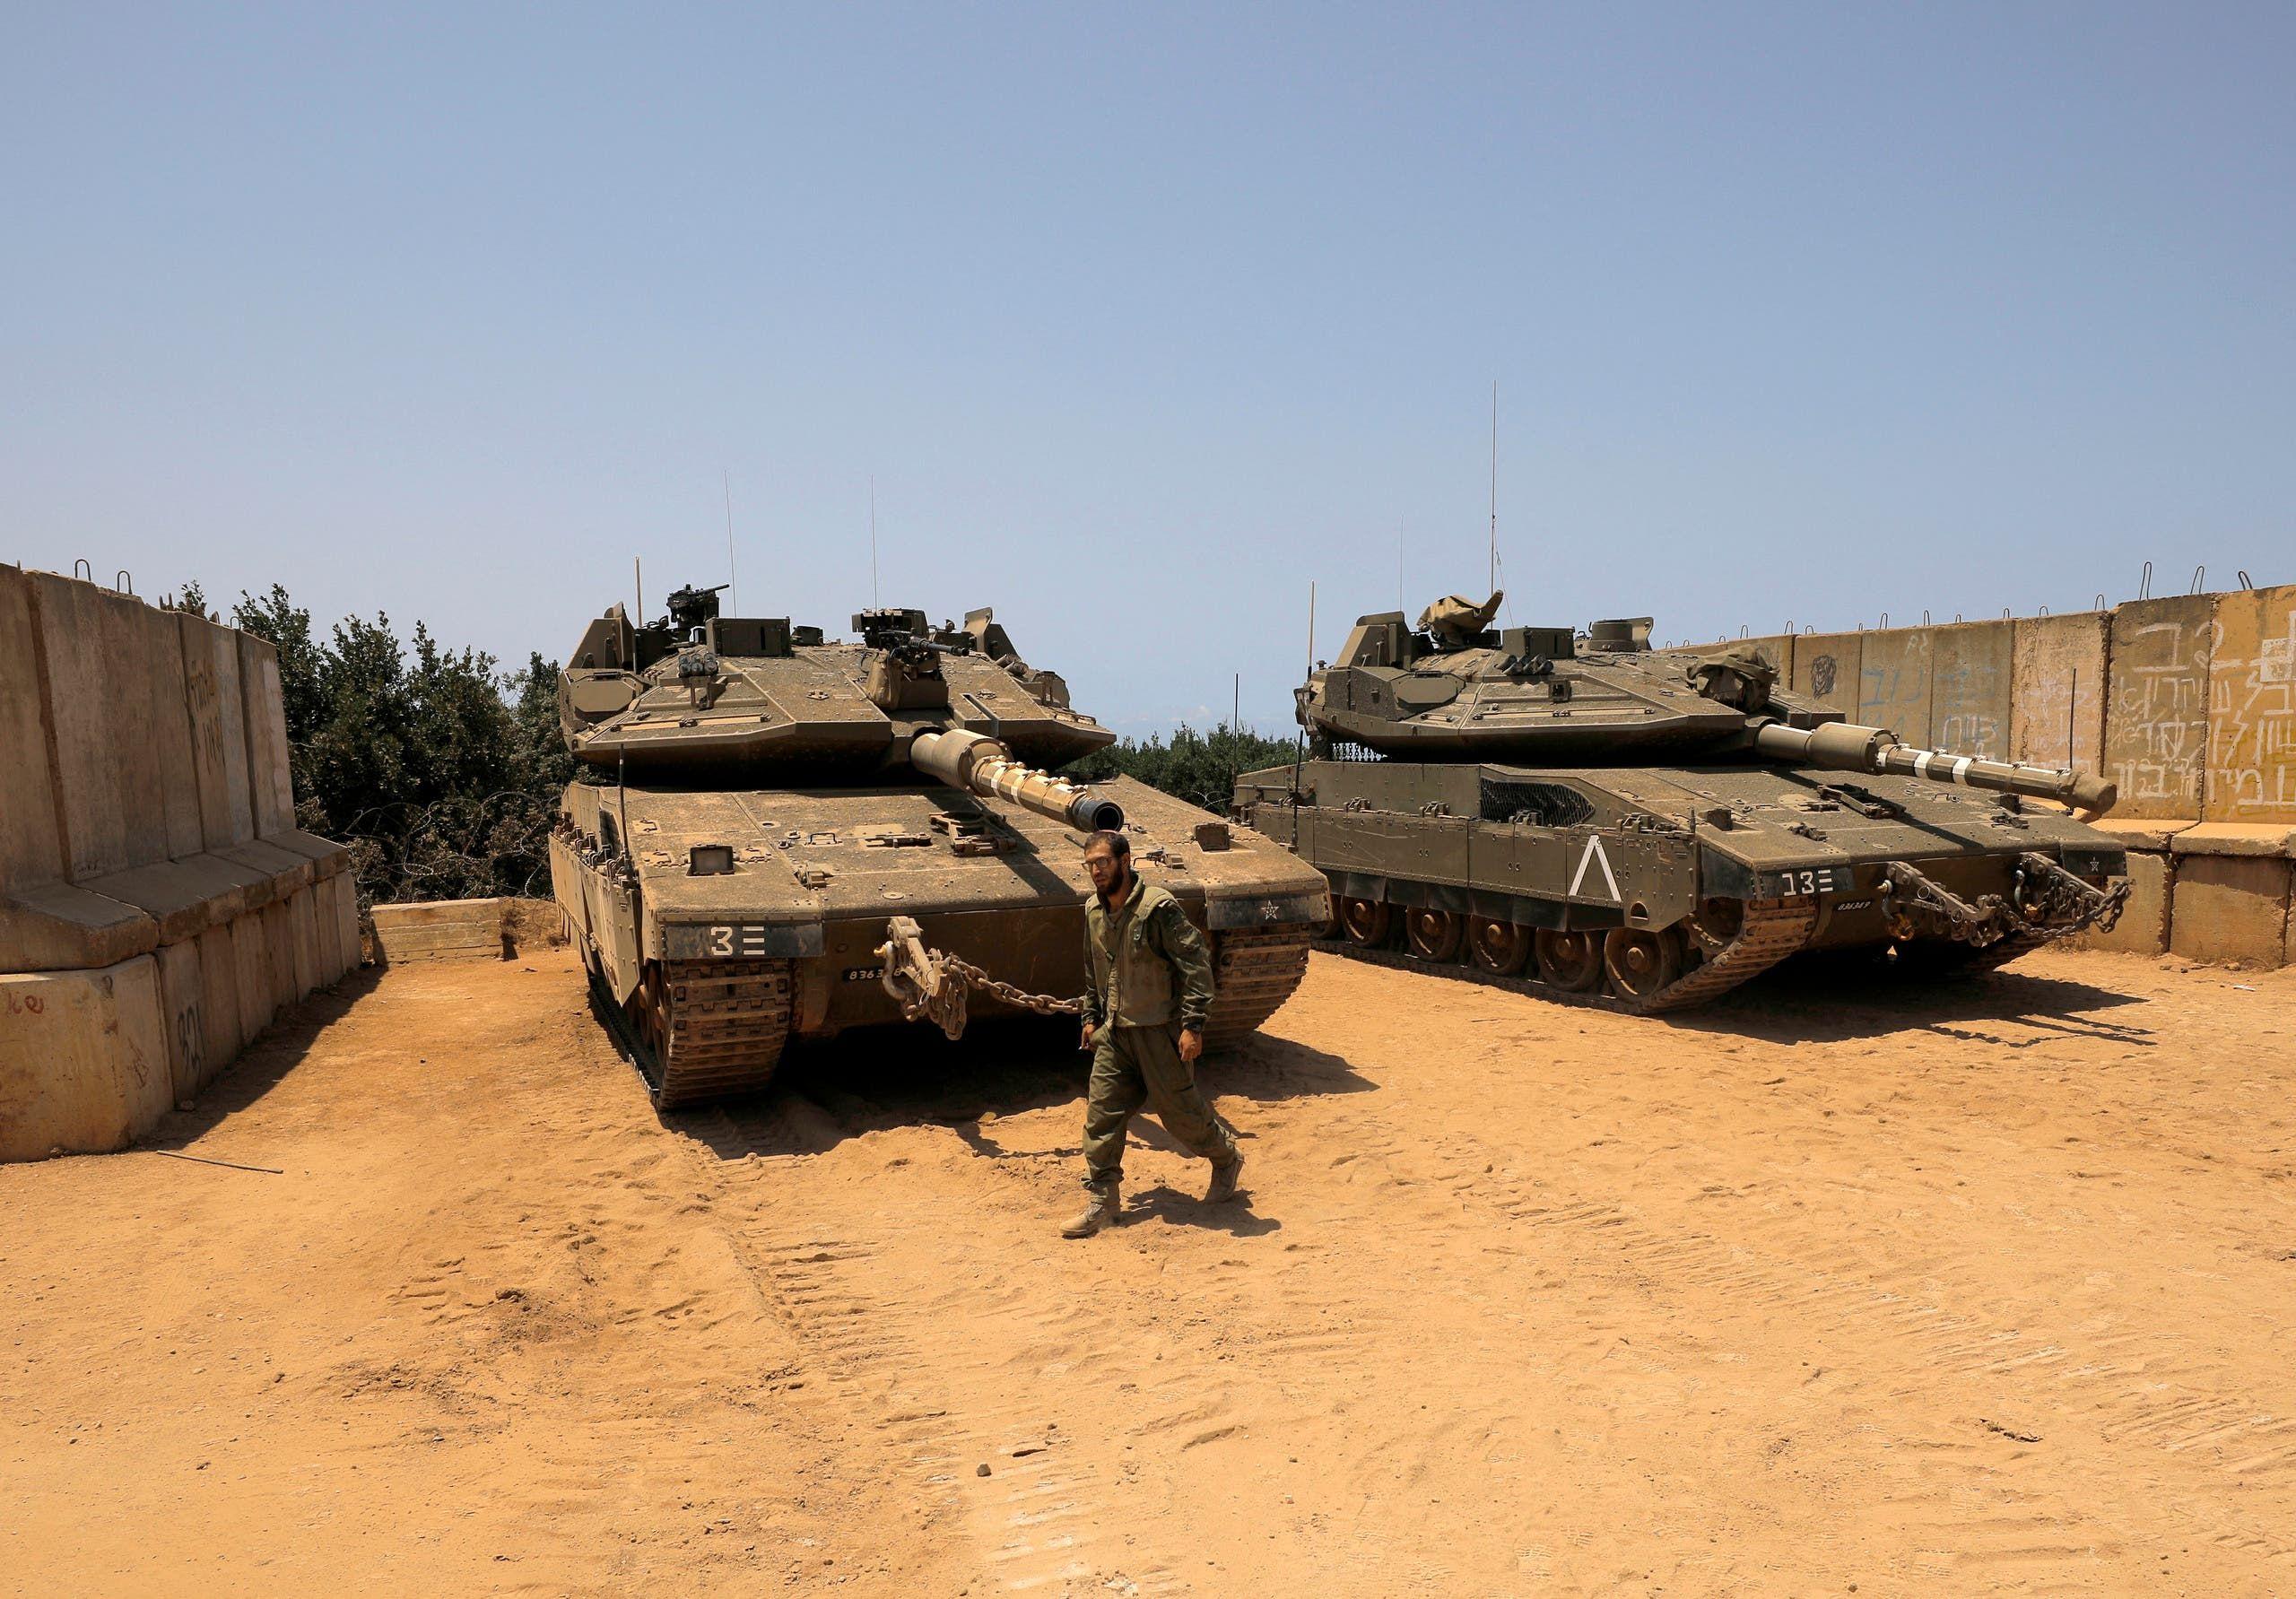 مدفعية الجيش الإسرائيلي على حدود لبنان بعد سقوط صاروخ في 20 يوليو الماضي في شمال إسرائيل